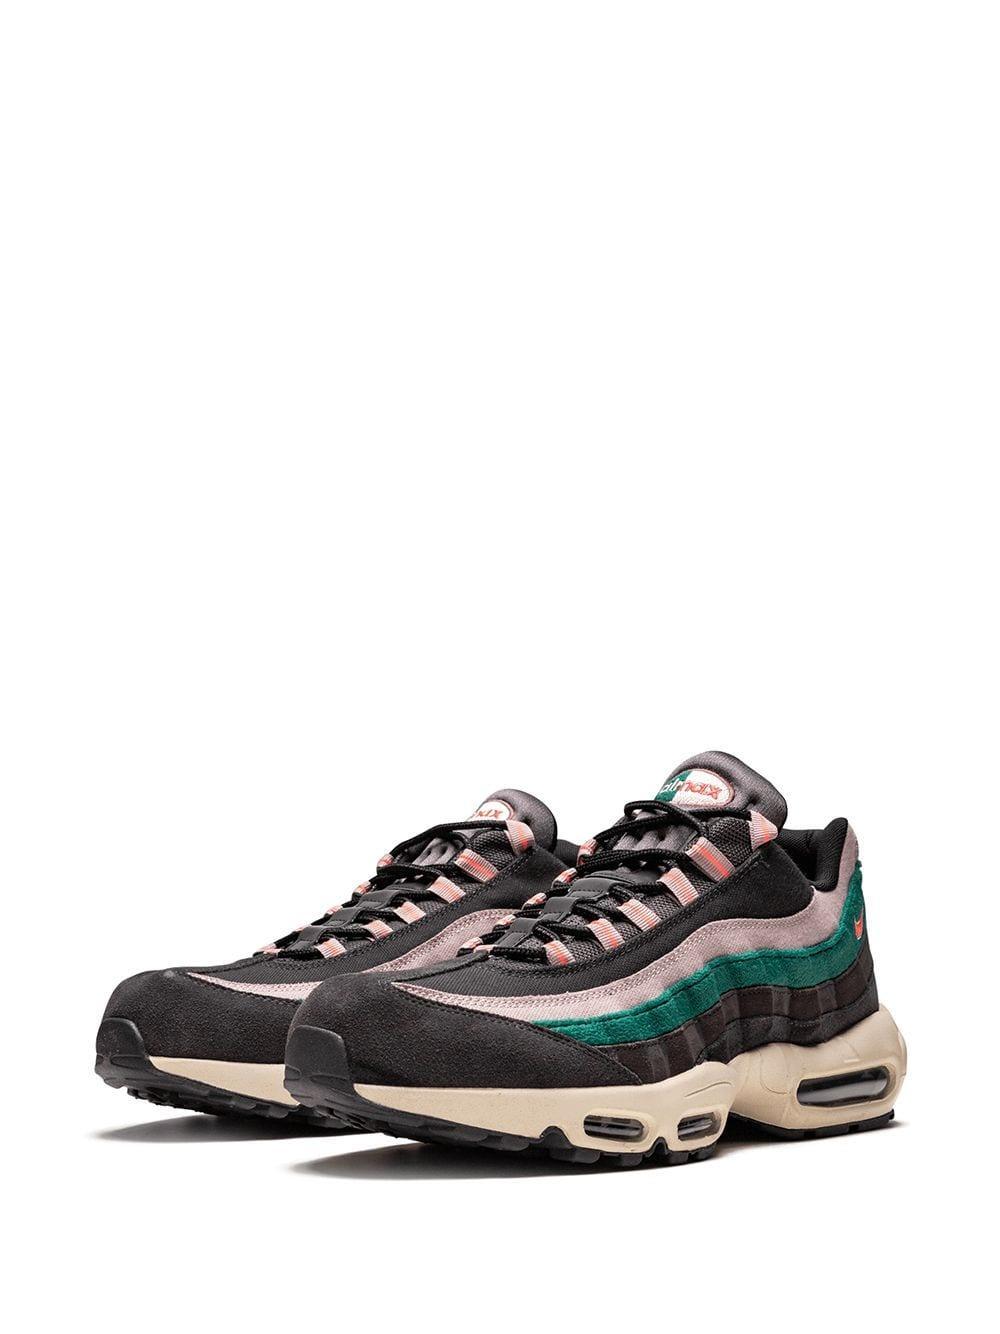 691bad261d Nike Air Max 95 Prm Sneakers in Gray for Men - Lyst